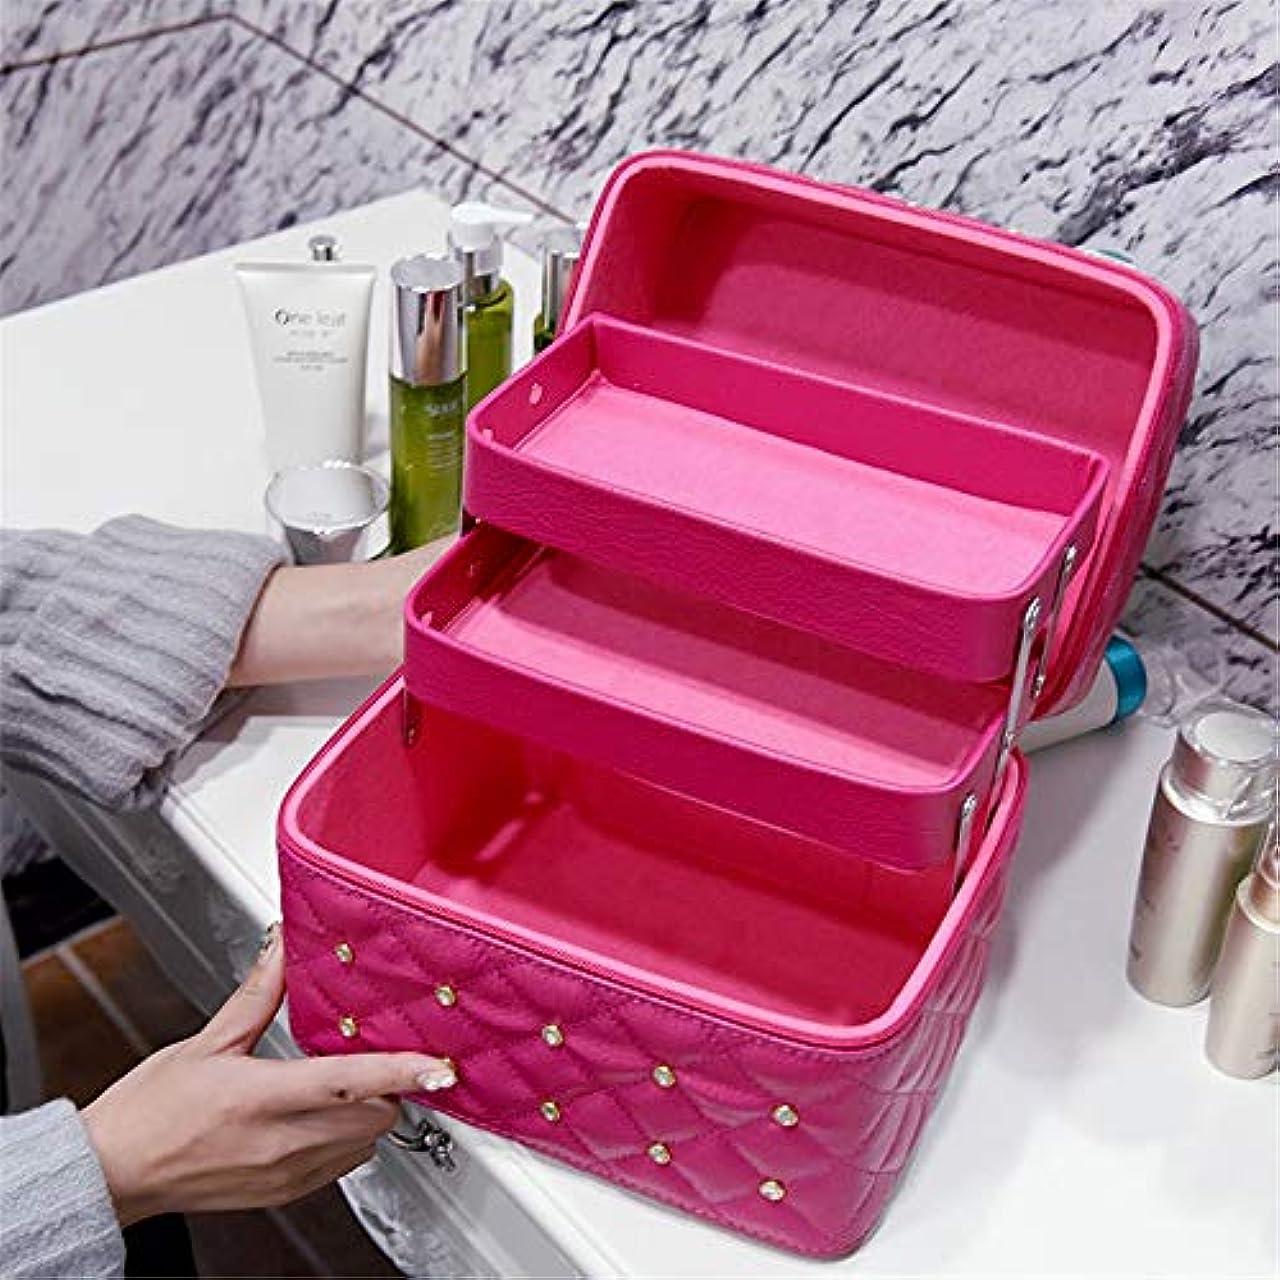 モートアクセスエリート特大スペース収納ビューティーボックス 美の構造のためそしてジッパーおよび折る皿が付いている女の子の女性旅行そして毎日の貯蔵のための高容量の携帯用化粧品袋 化粧品化粧台